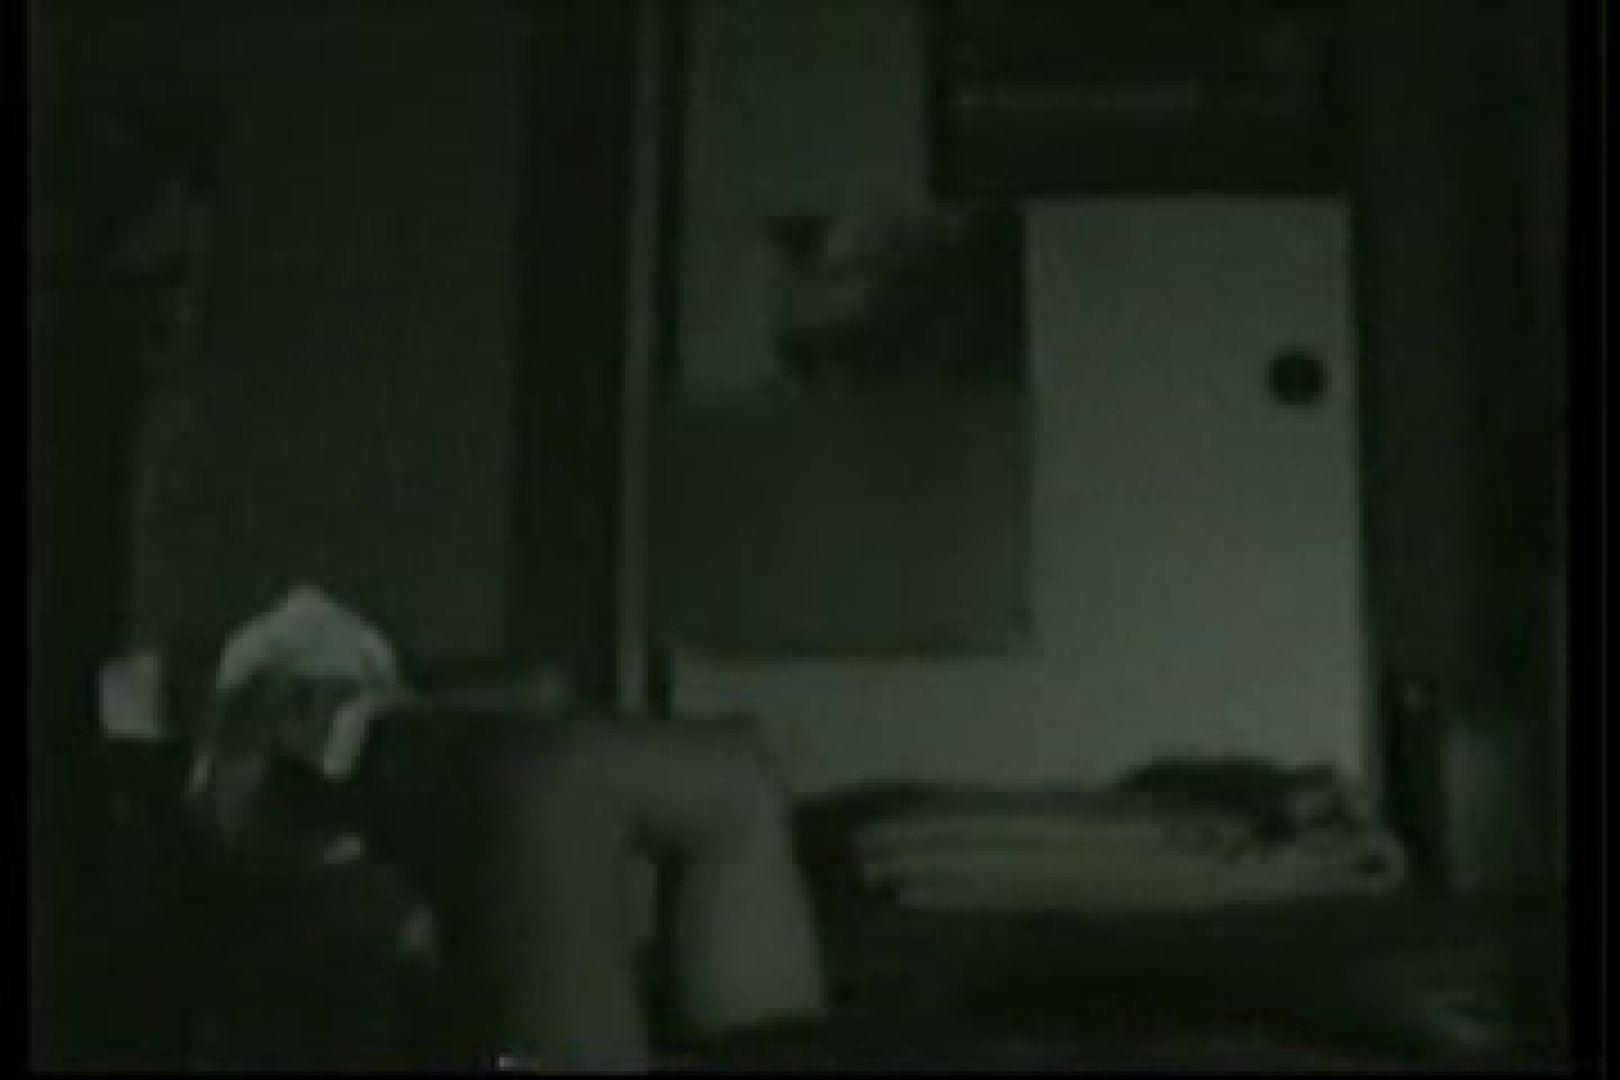 【実録個人撮影】男の子達の禁断の愛欲性活!!vol.02(対女性アナル責め) アナル舐めて ゲイアダルトビデオ画像 105枚 28